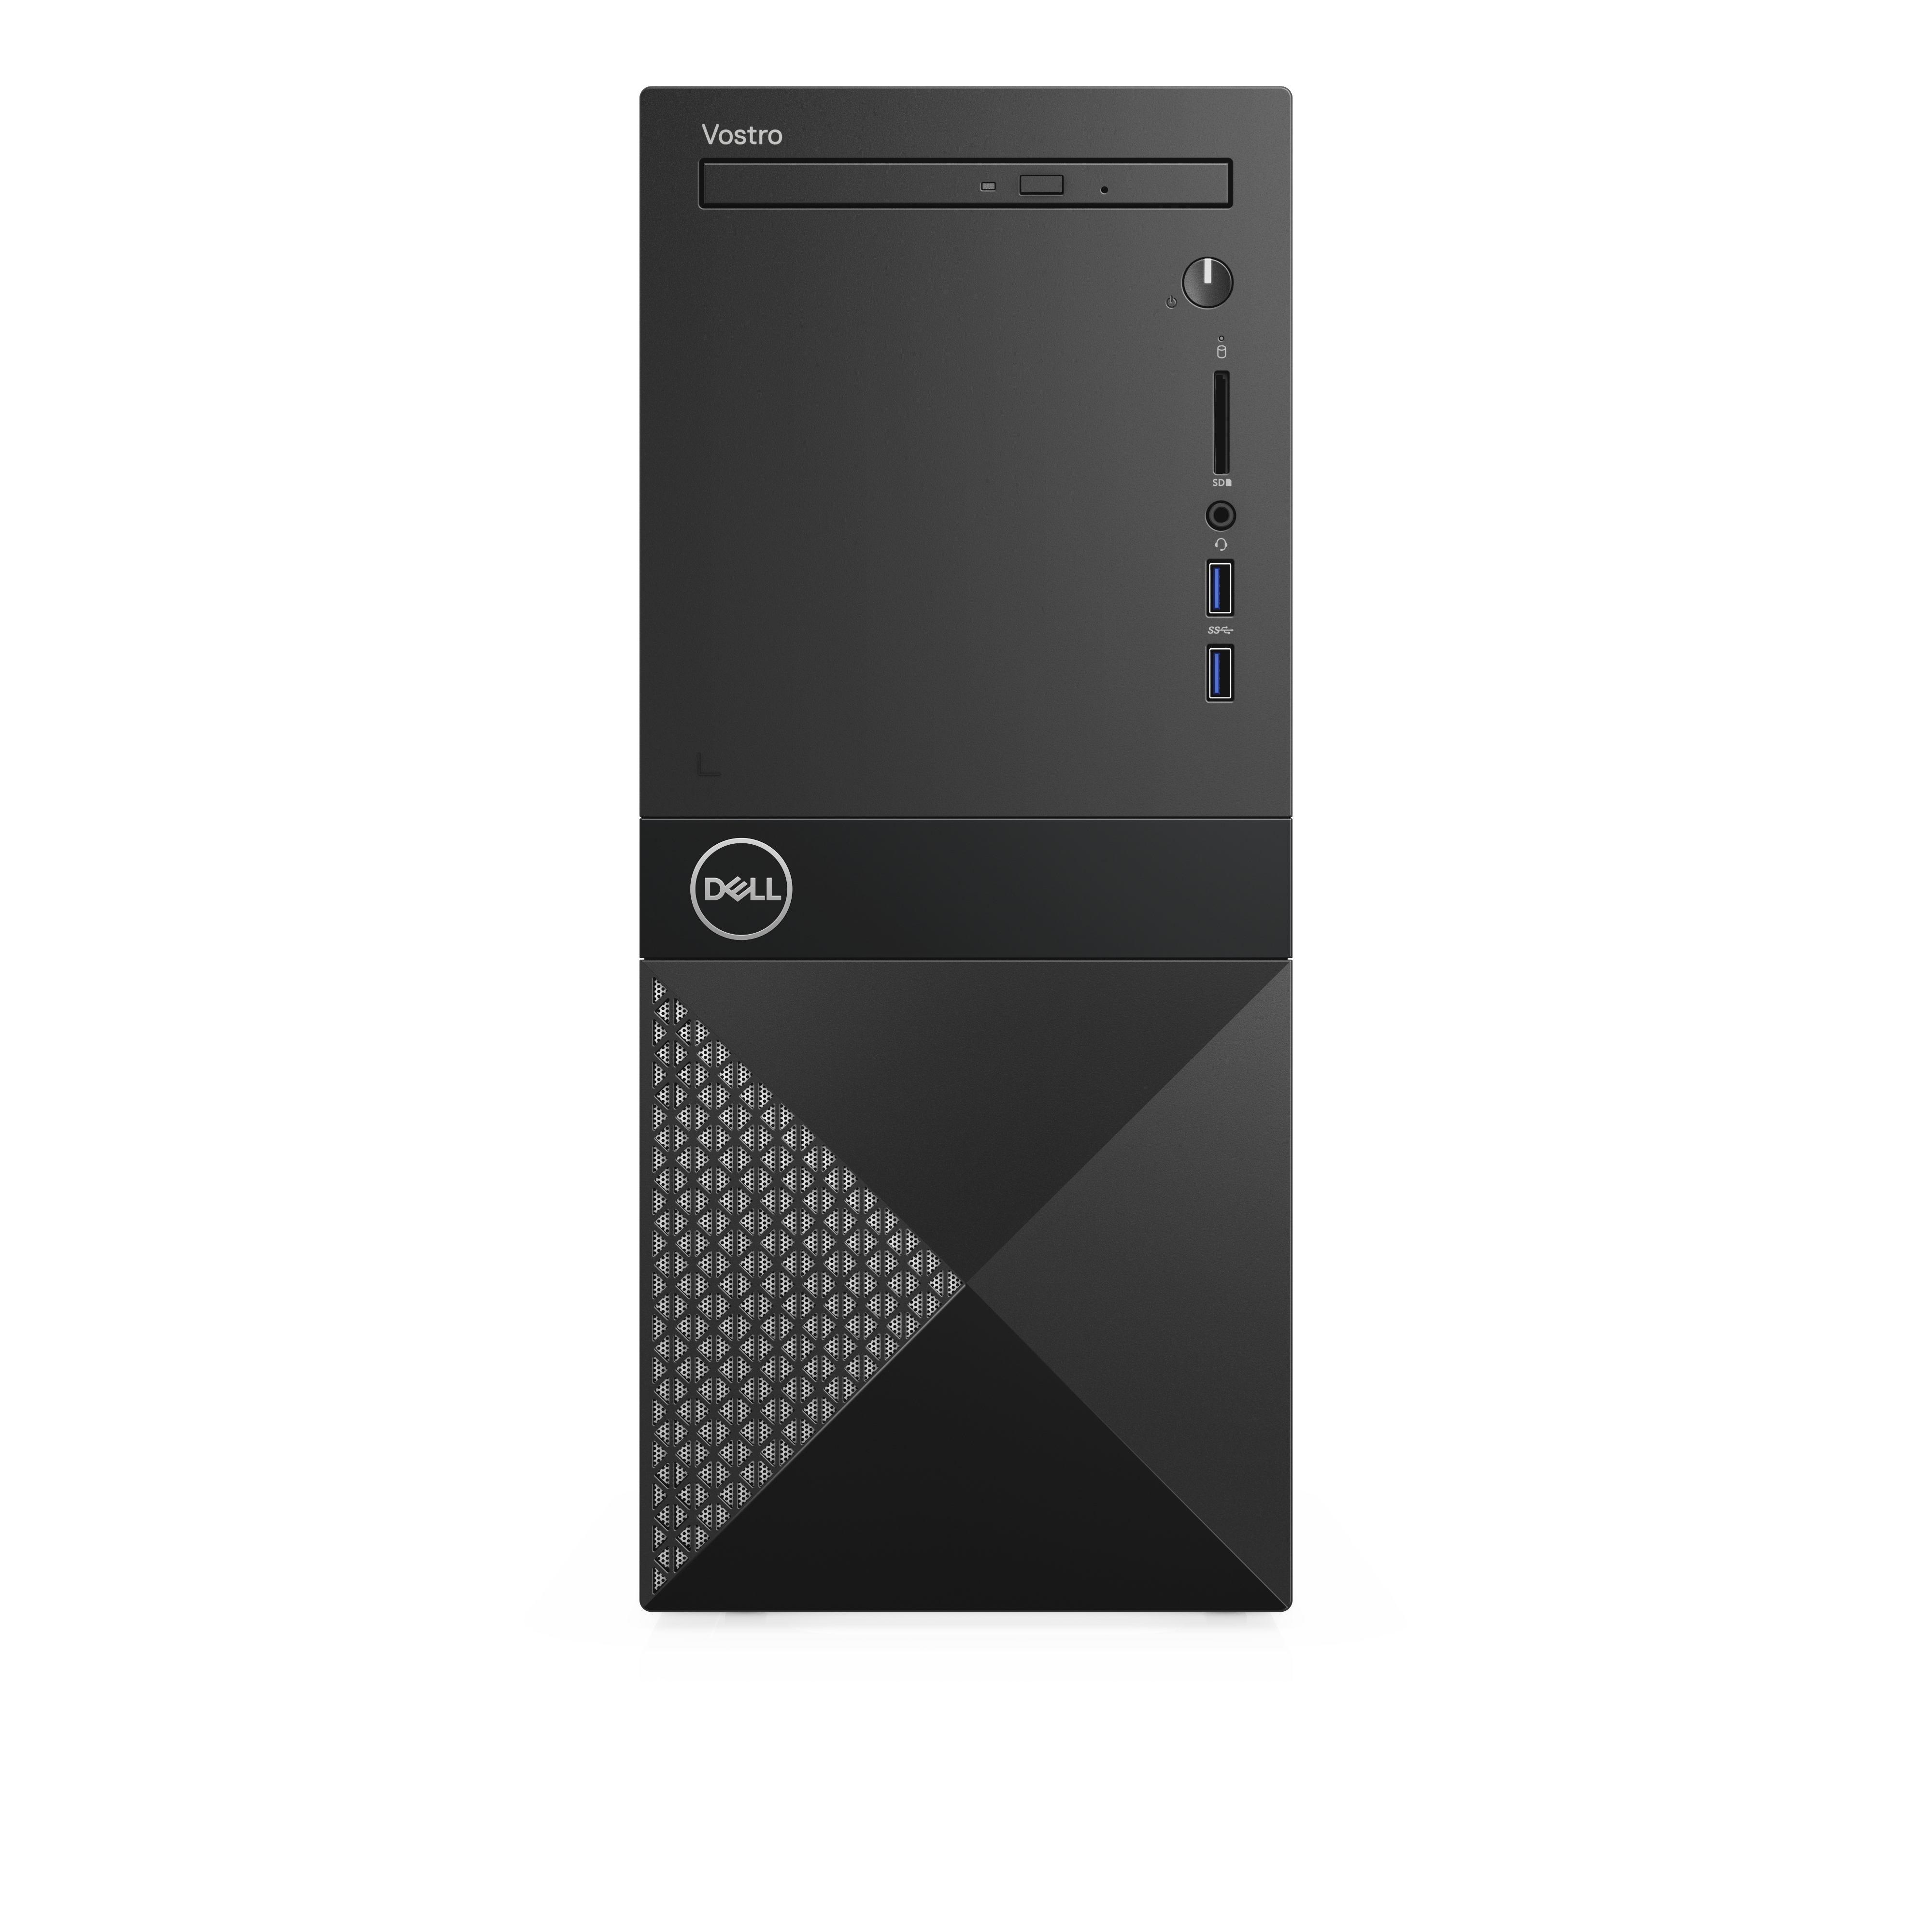 2061337-DELL-Vostro-3671-Intel-Core-i5-di-nona-generazione-i5-9400-8-GB-DDR4-S